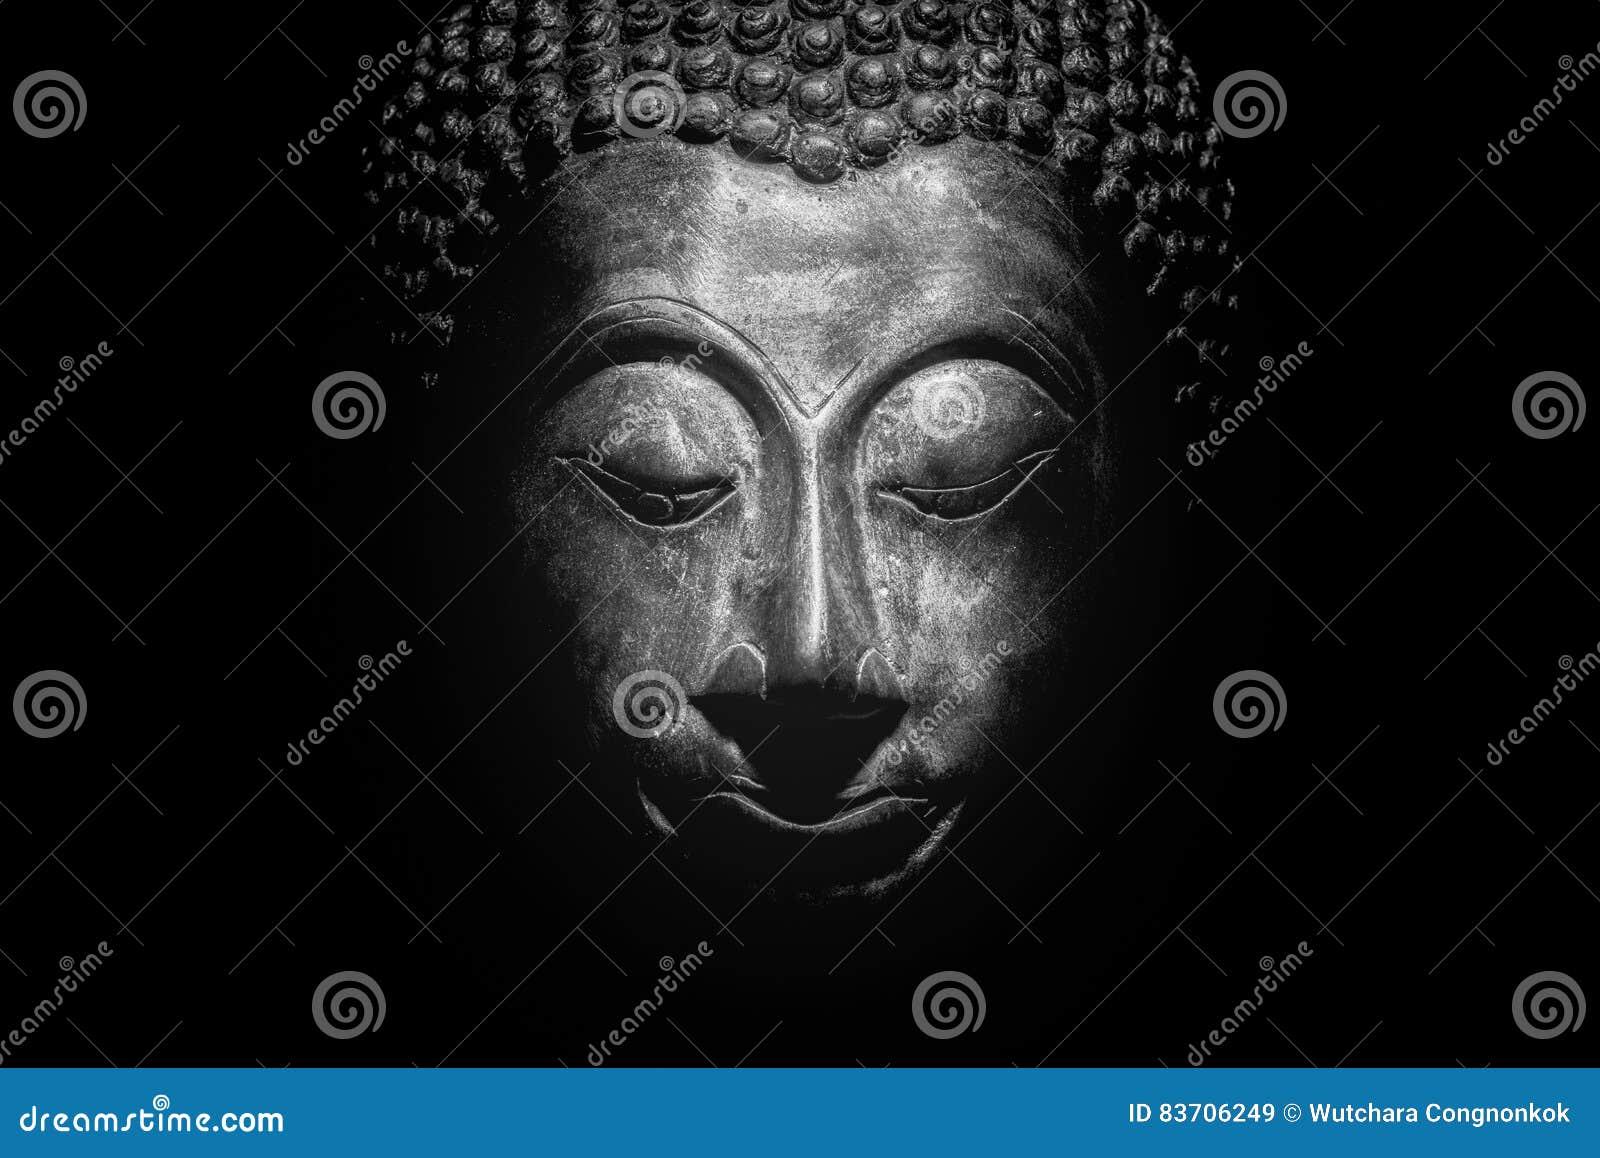 Buddha Portrait Isolated. Stock Photo